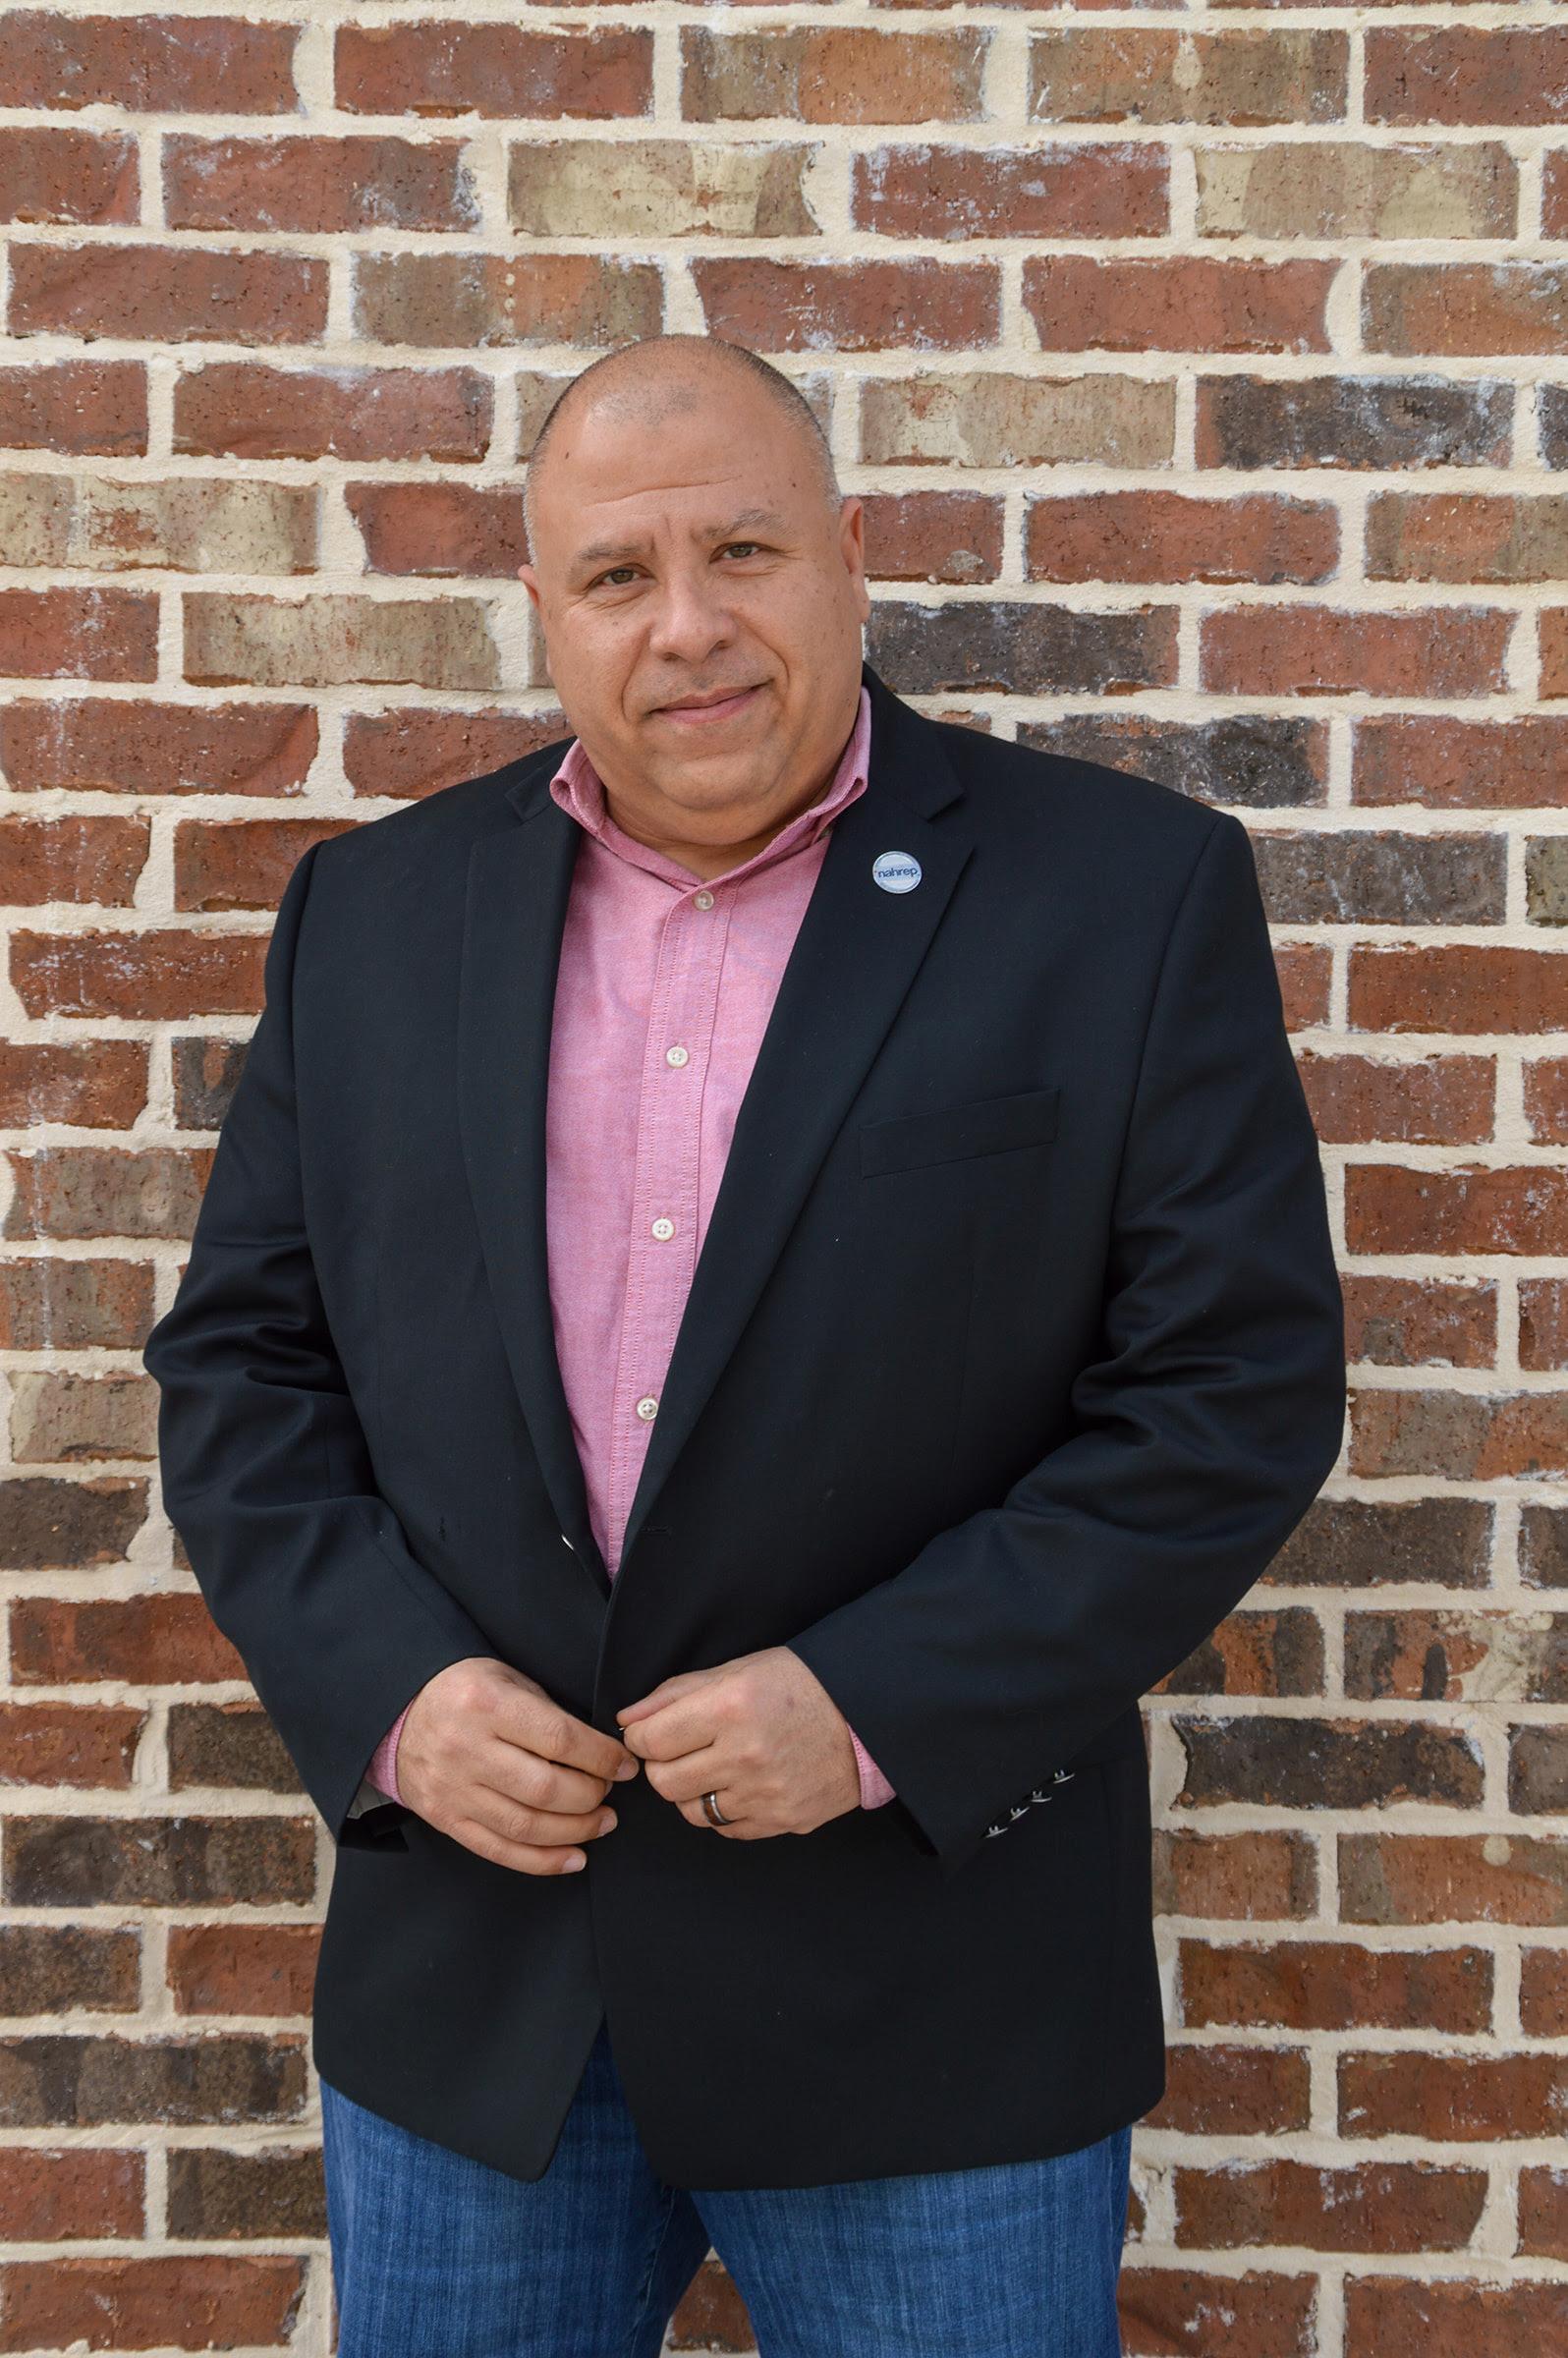 Jeffrey Reyes